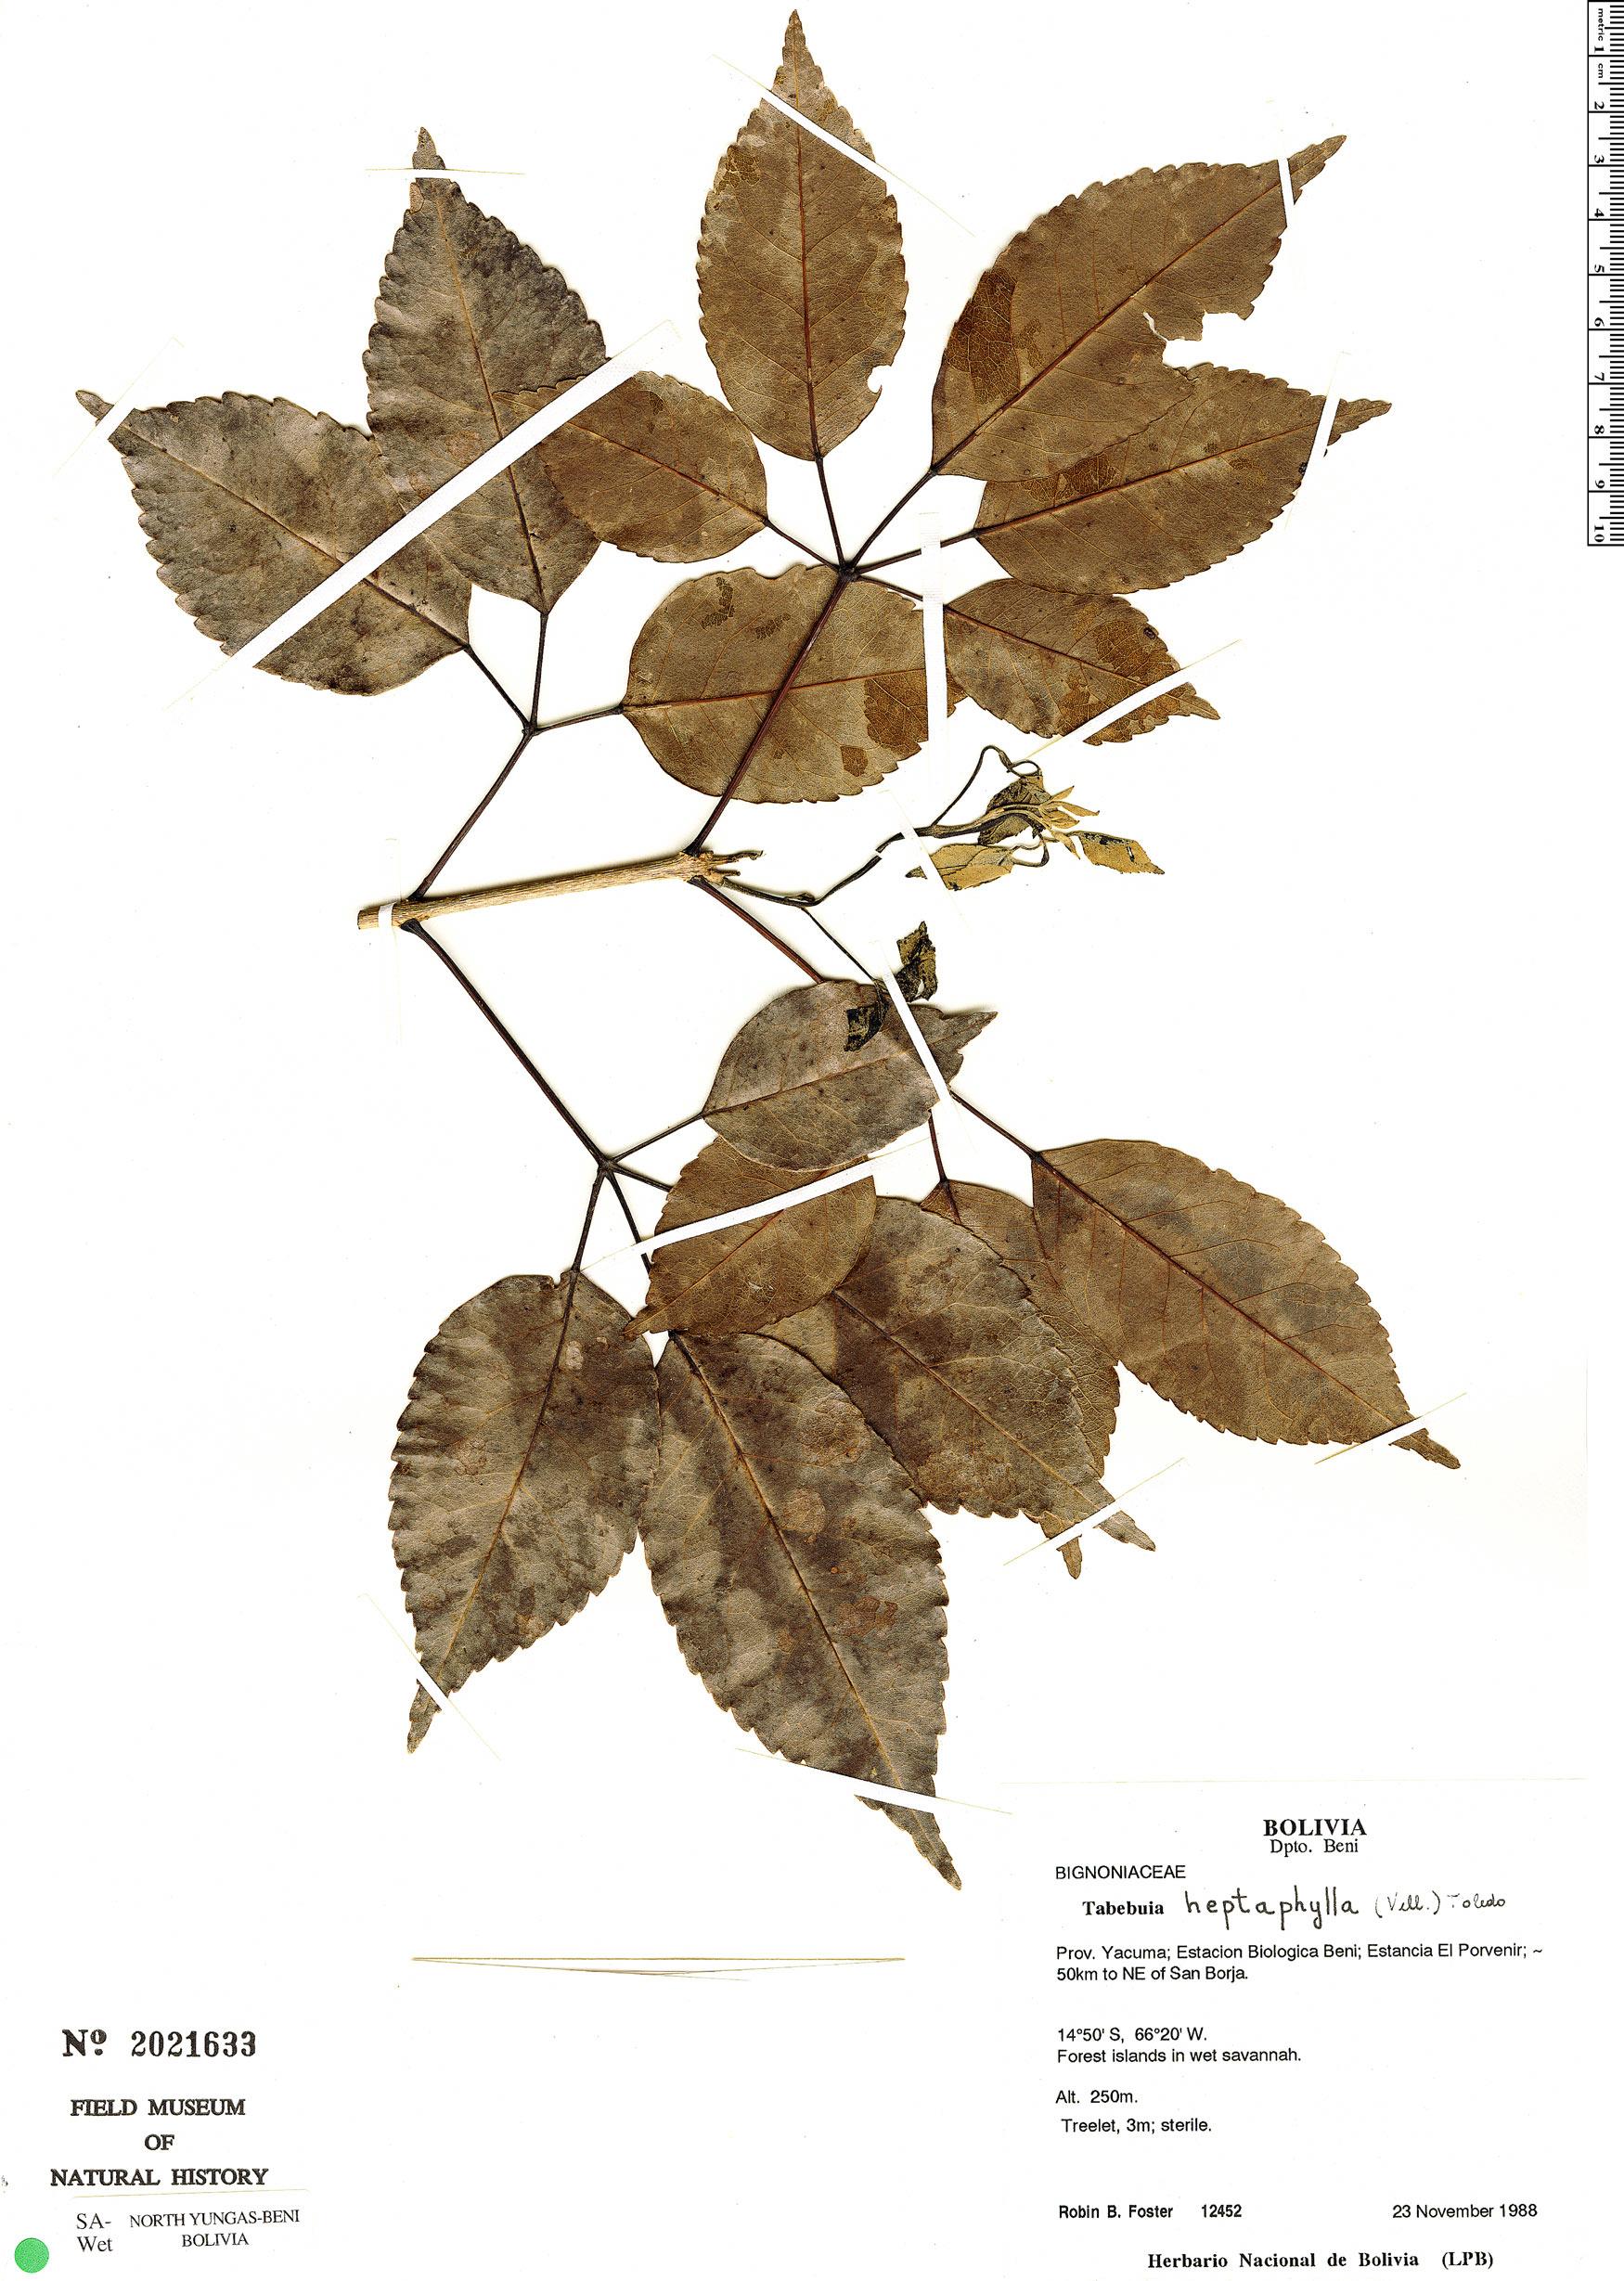 Specimen: Handroanthus heptaphyllus